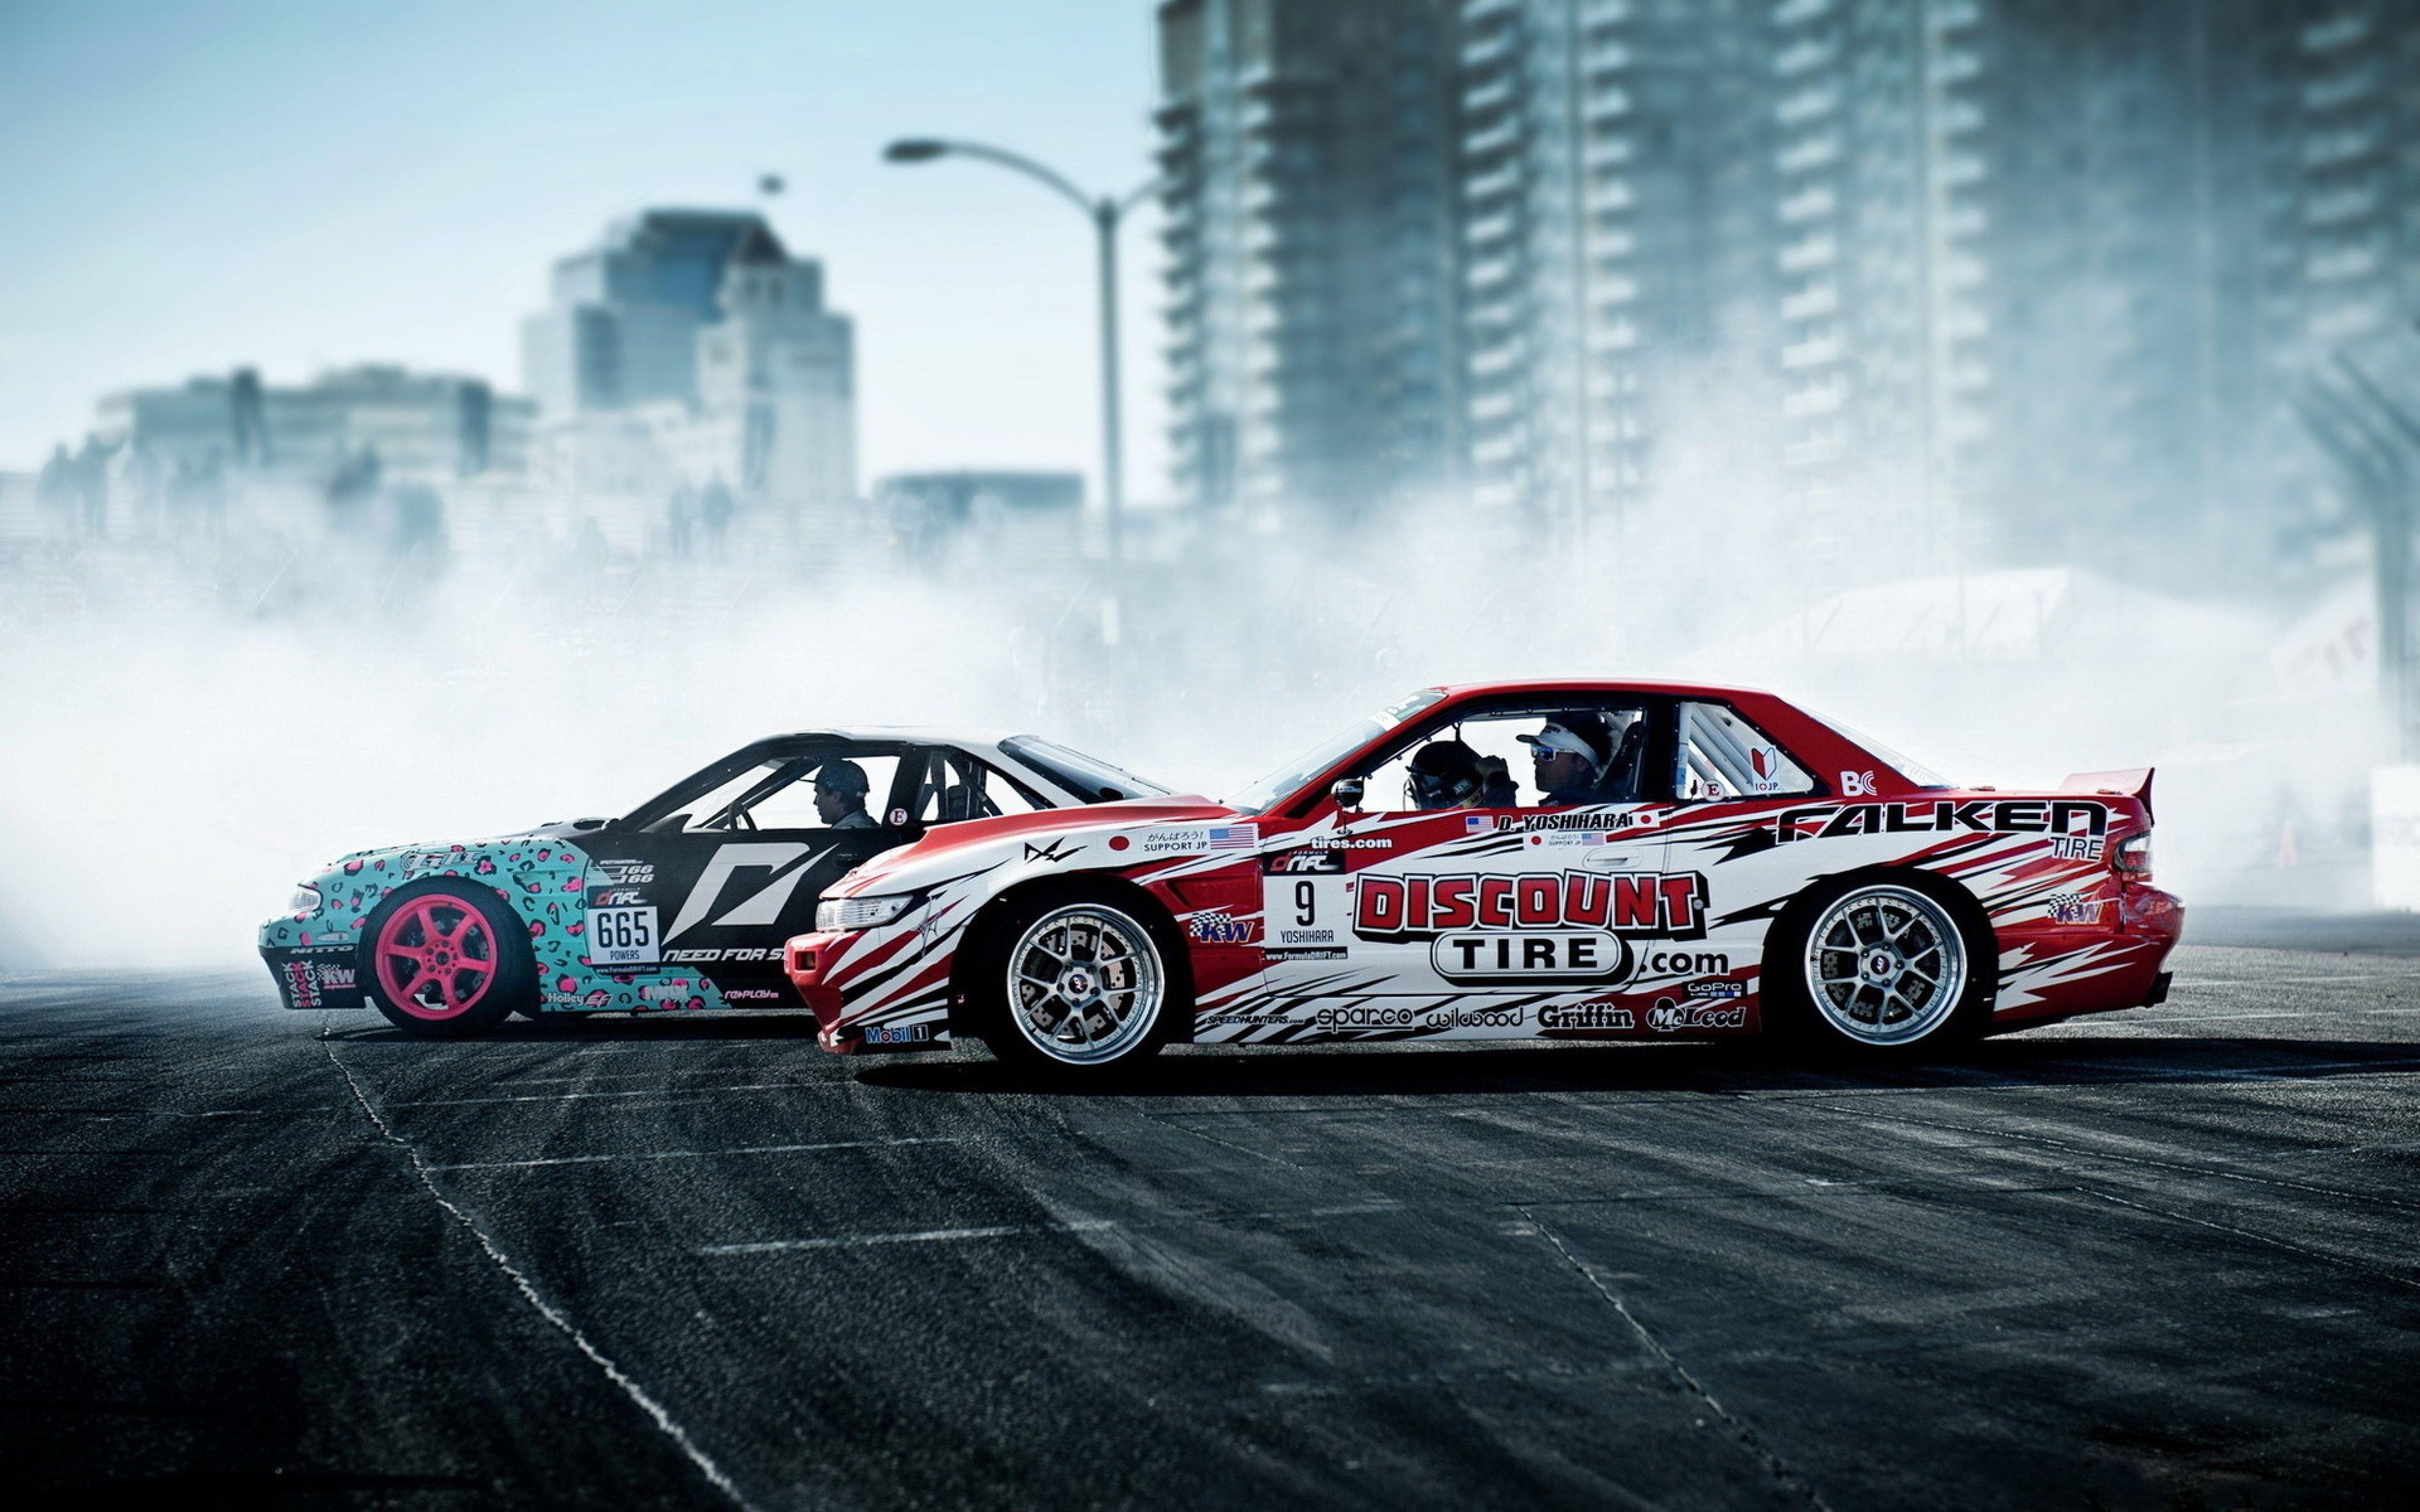 3840x2400 Wallpaper Drift Nissan Sport Cars Smoke